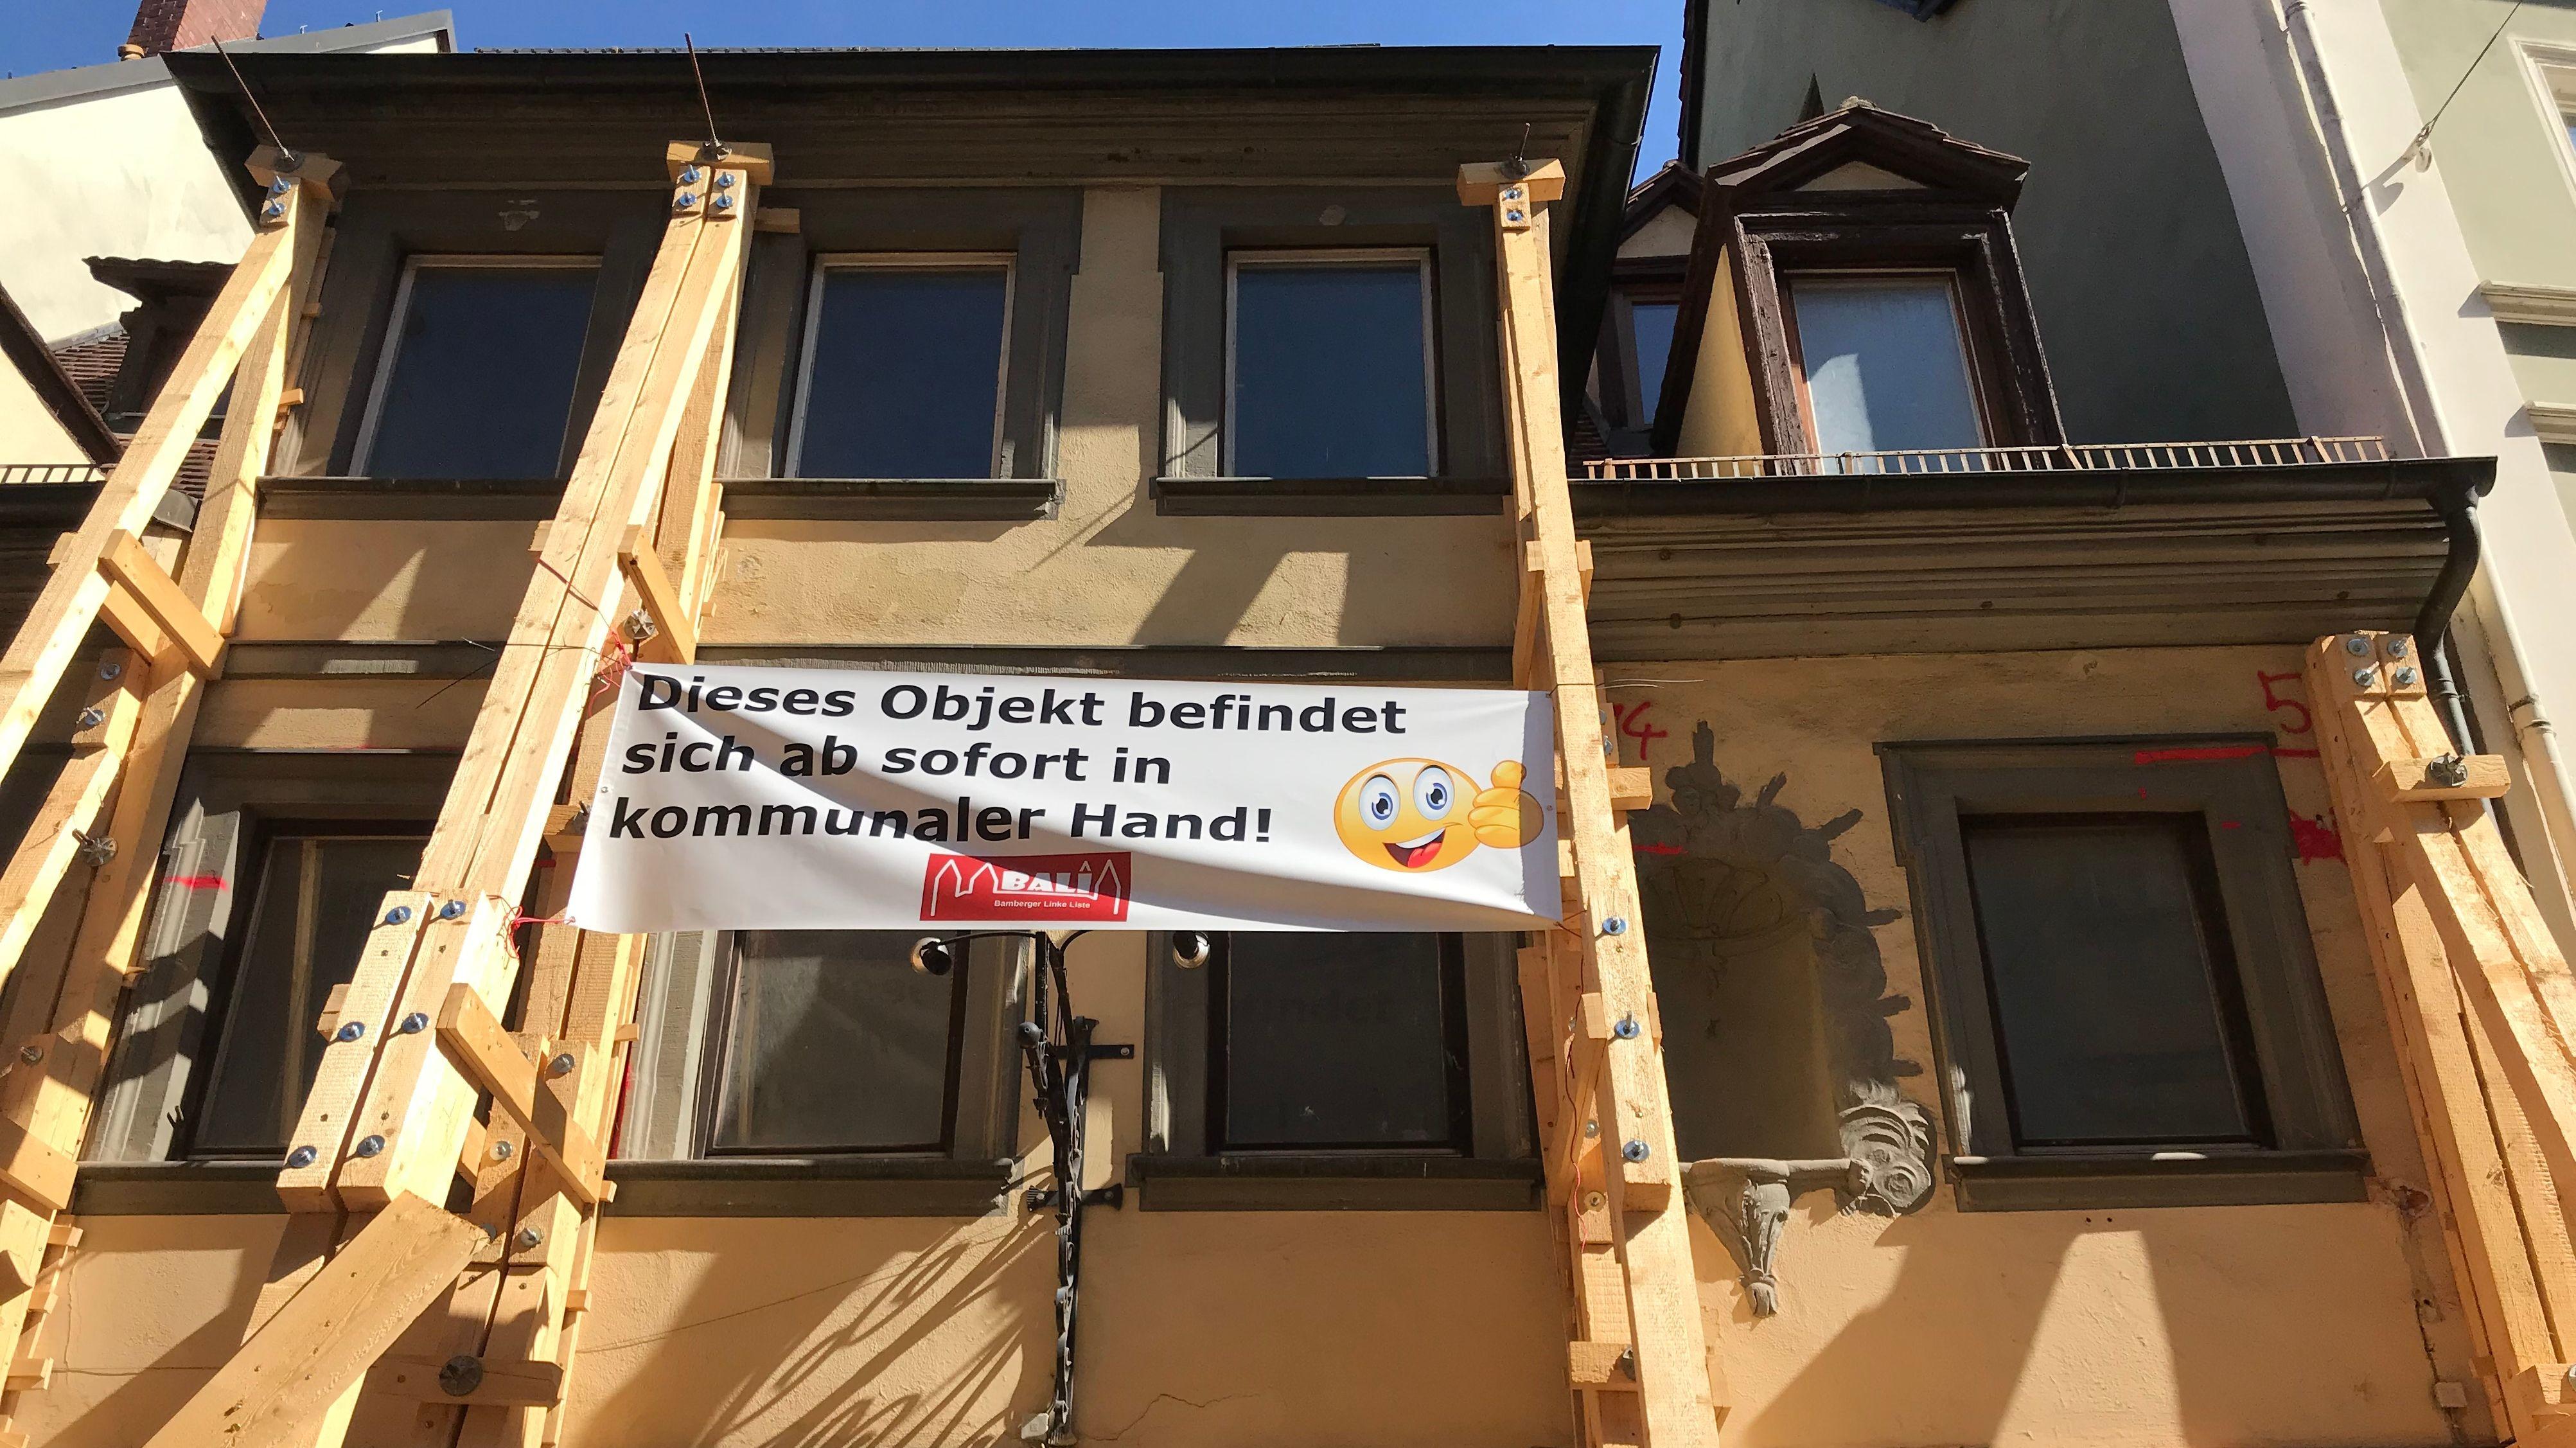 Einsturzgefährdetes Haus mit Plakat und Stützsäulen